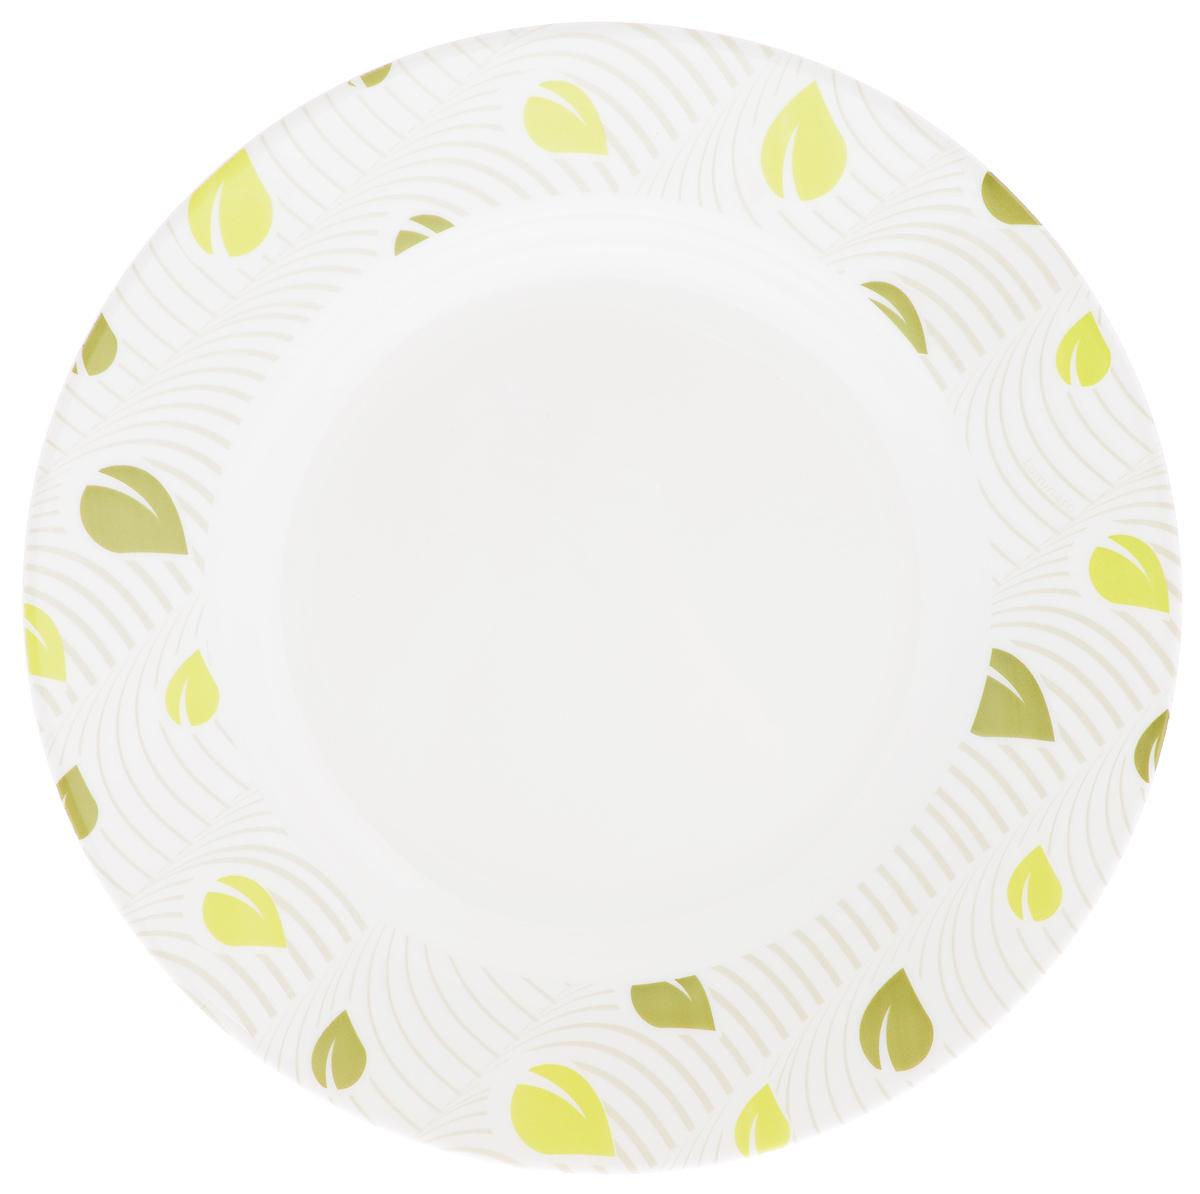 Тарелка глубокая Luminarc Amely, диаметр 22 смJ2146Глубокая тарелка Luminarc Amely выполнена из ударопрочного стекла. Она прекрасно впишется в интерьер вашей кухни и станет достойным дополнением к кухонному инвентарю. Тарелка Luminarc Amely подчеркнет прекрасный вкус хозяйки и станет отличным подарком.